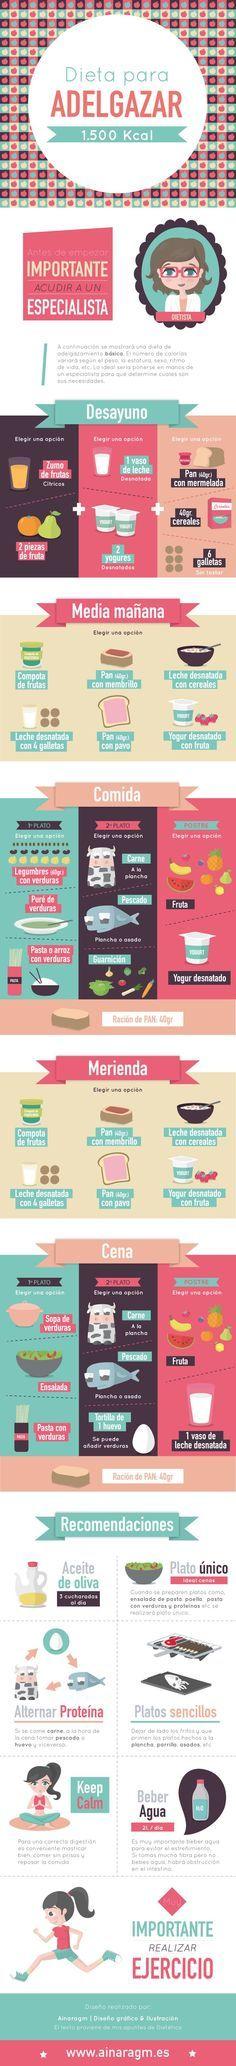 Aubrey and Me: Dieta para adelgazar por Ainaragm y sus magníficas infografías